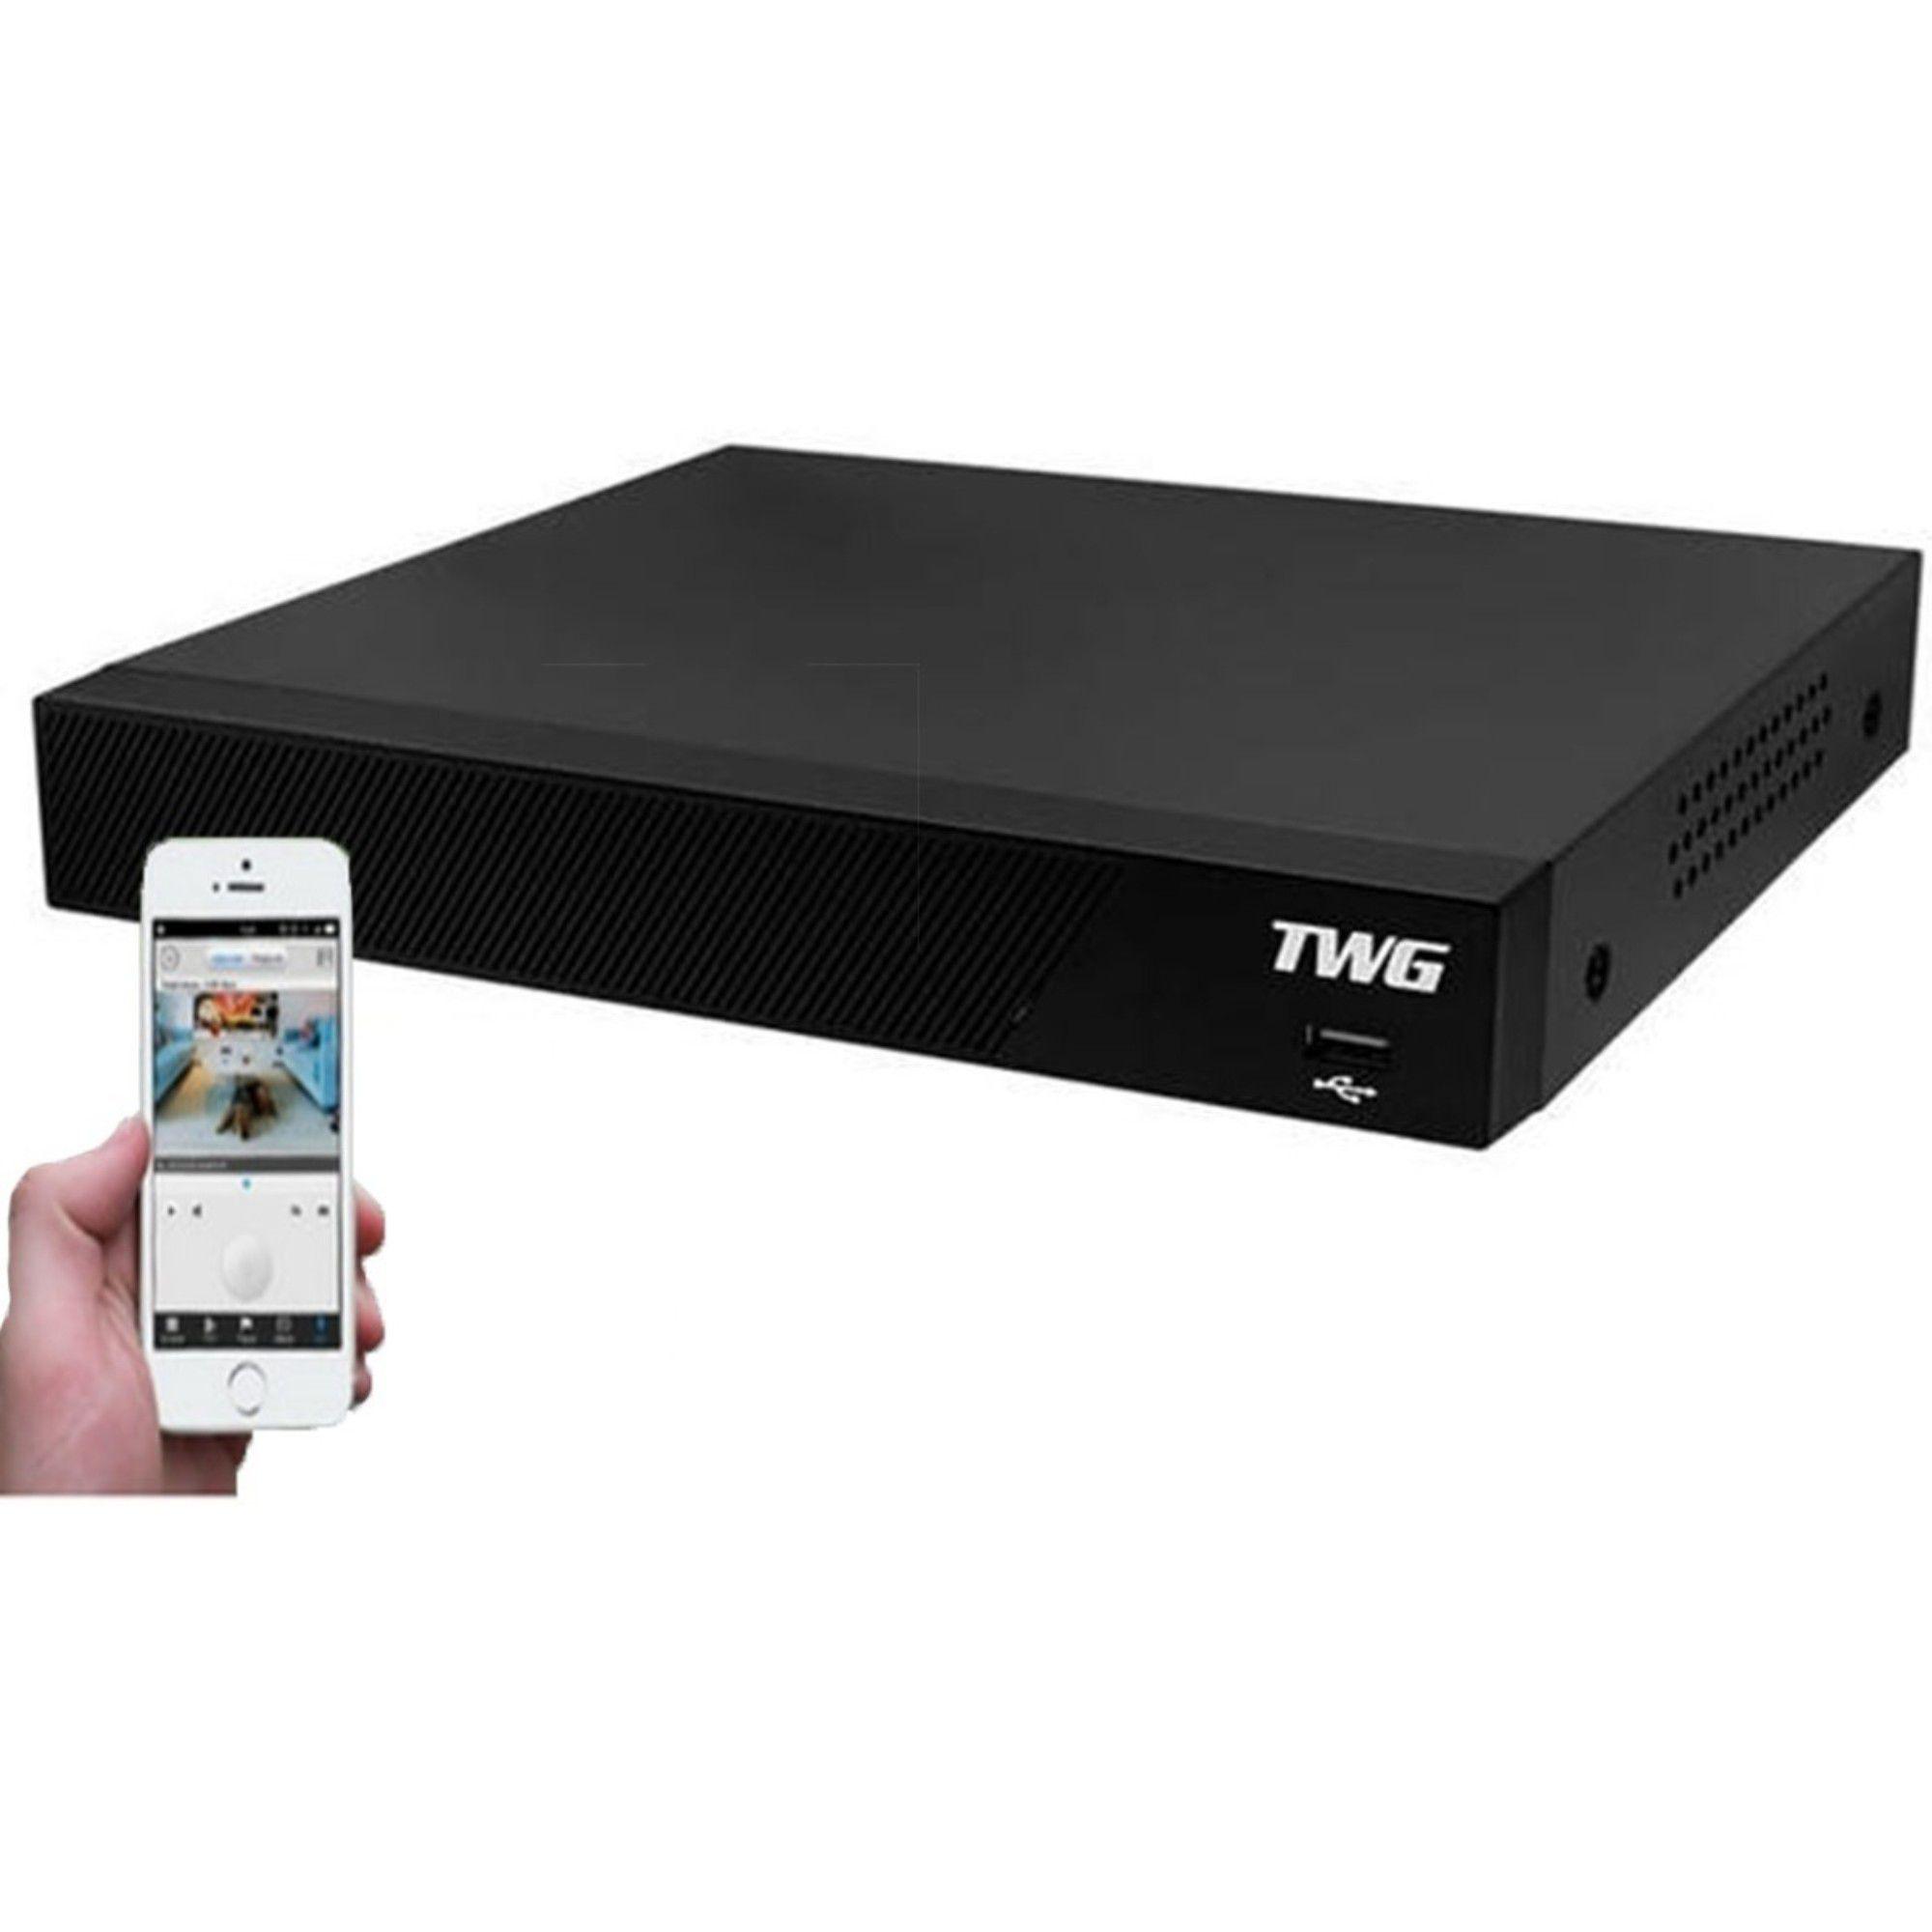 Kit CFTV TWG Completo 6 Câmeras AHD 720p DVR 8 Canais